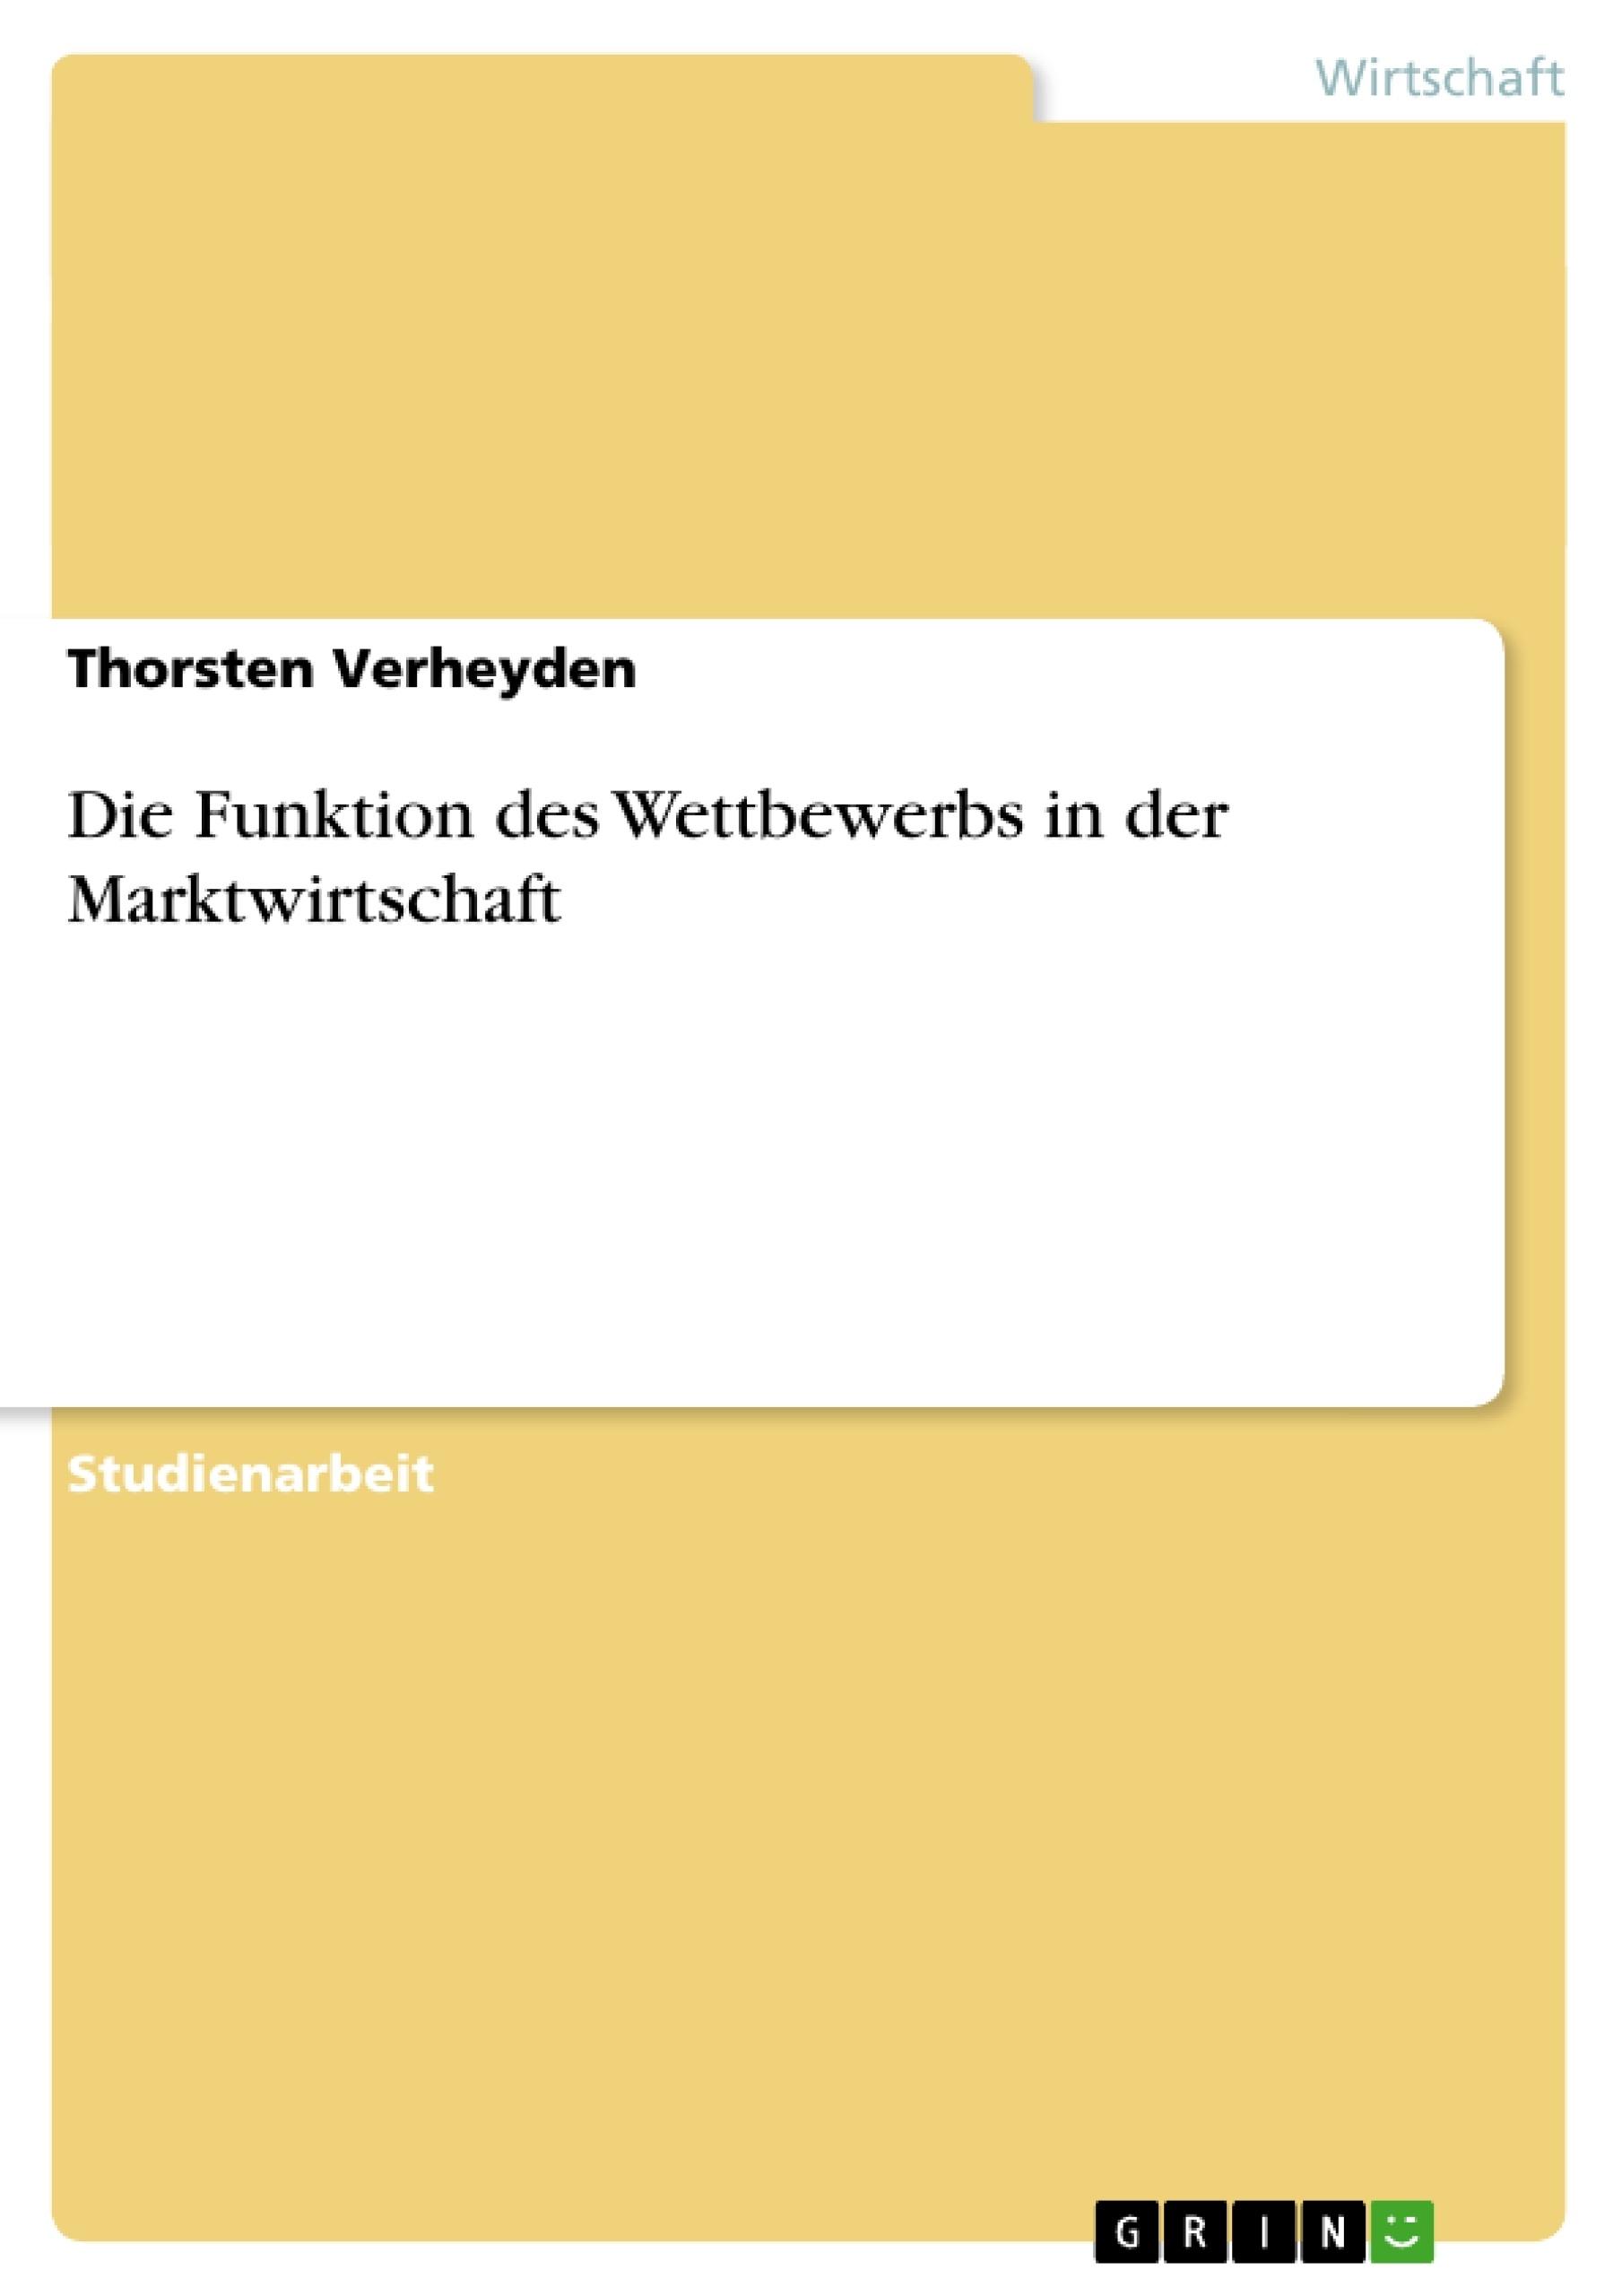 Titel: Die Funktion des Wettbewerbs in der Marktwirtschaft